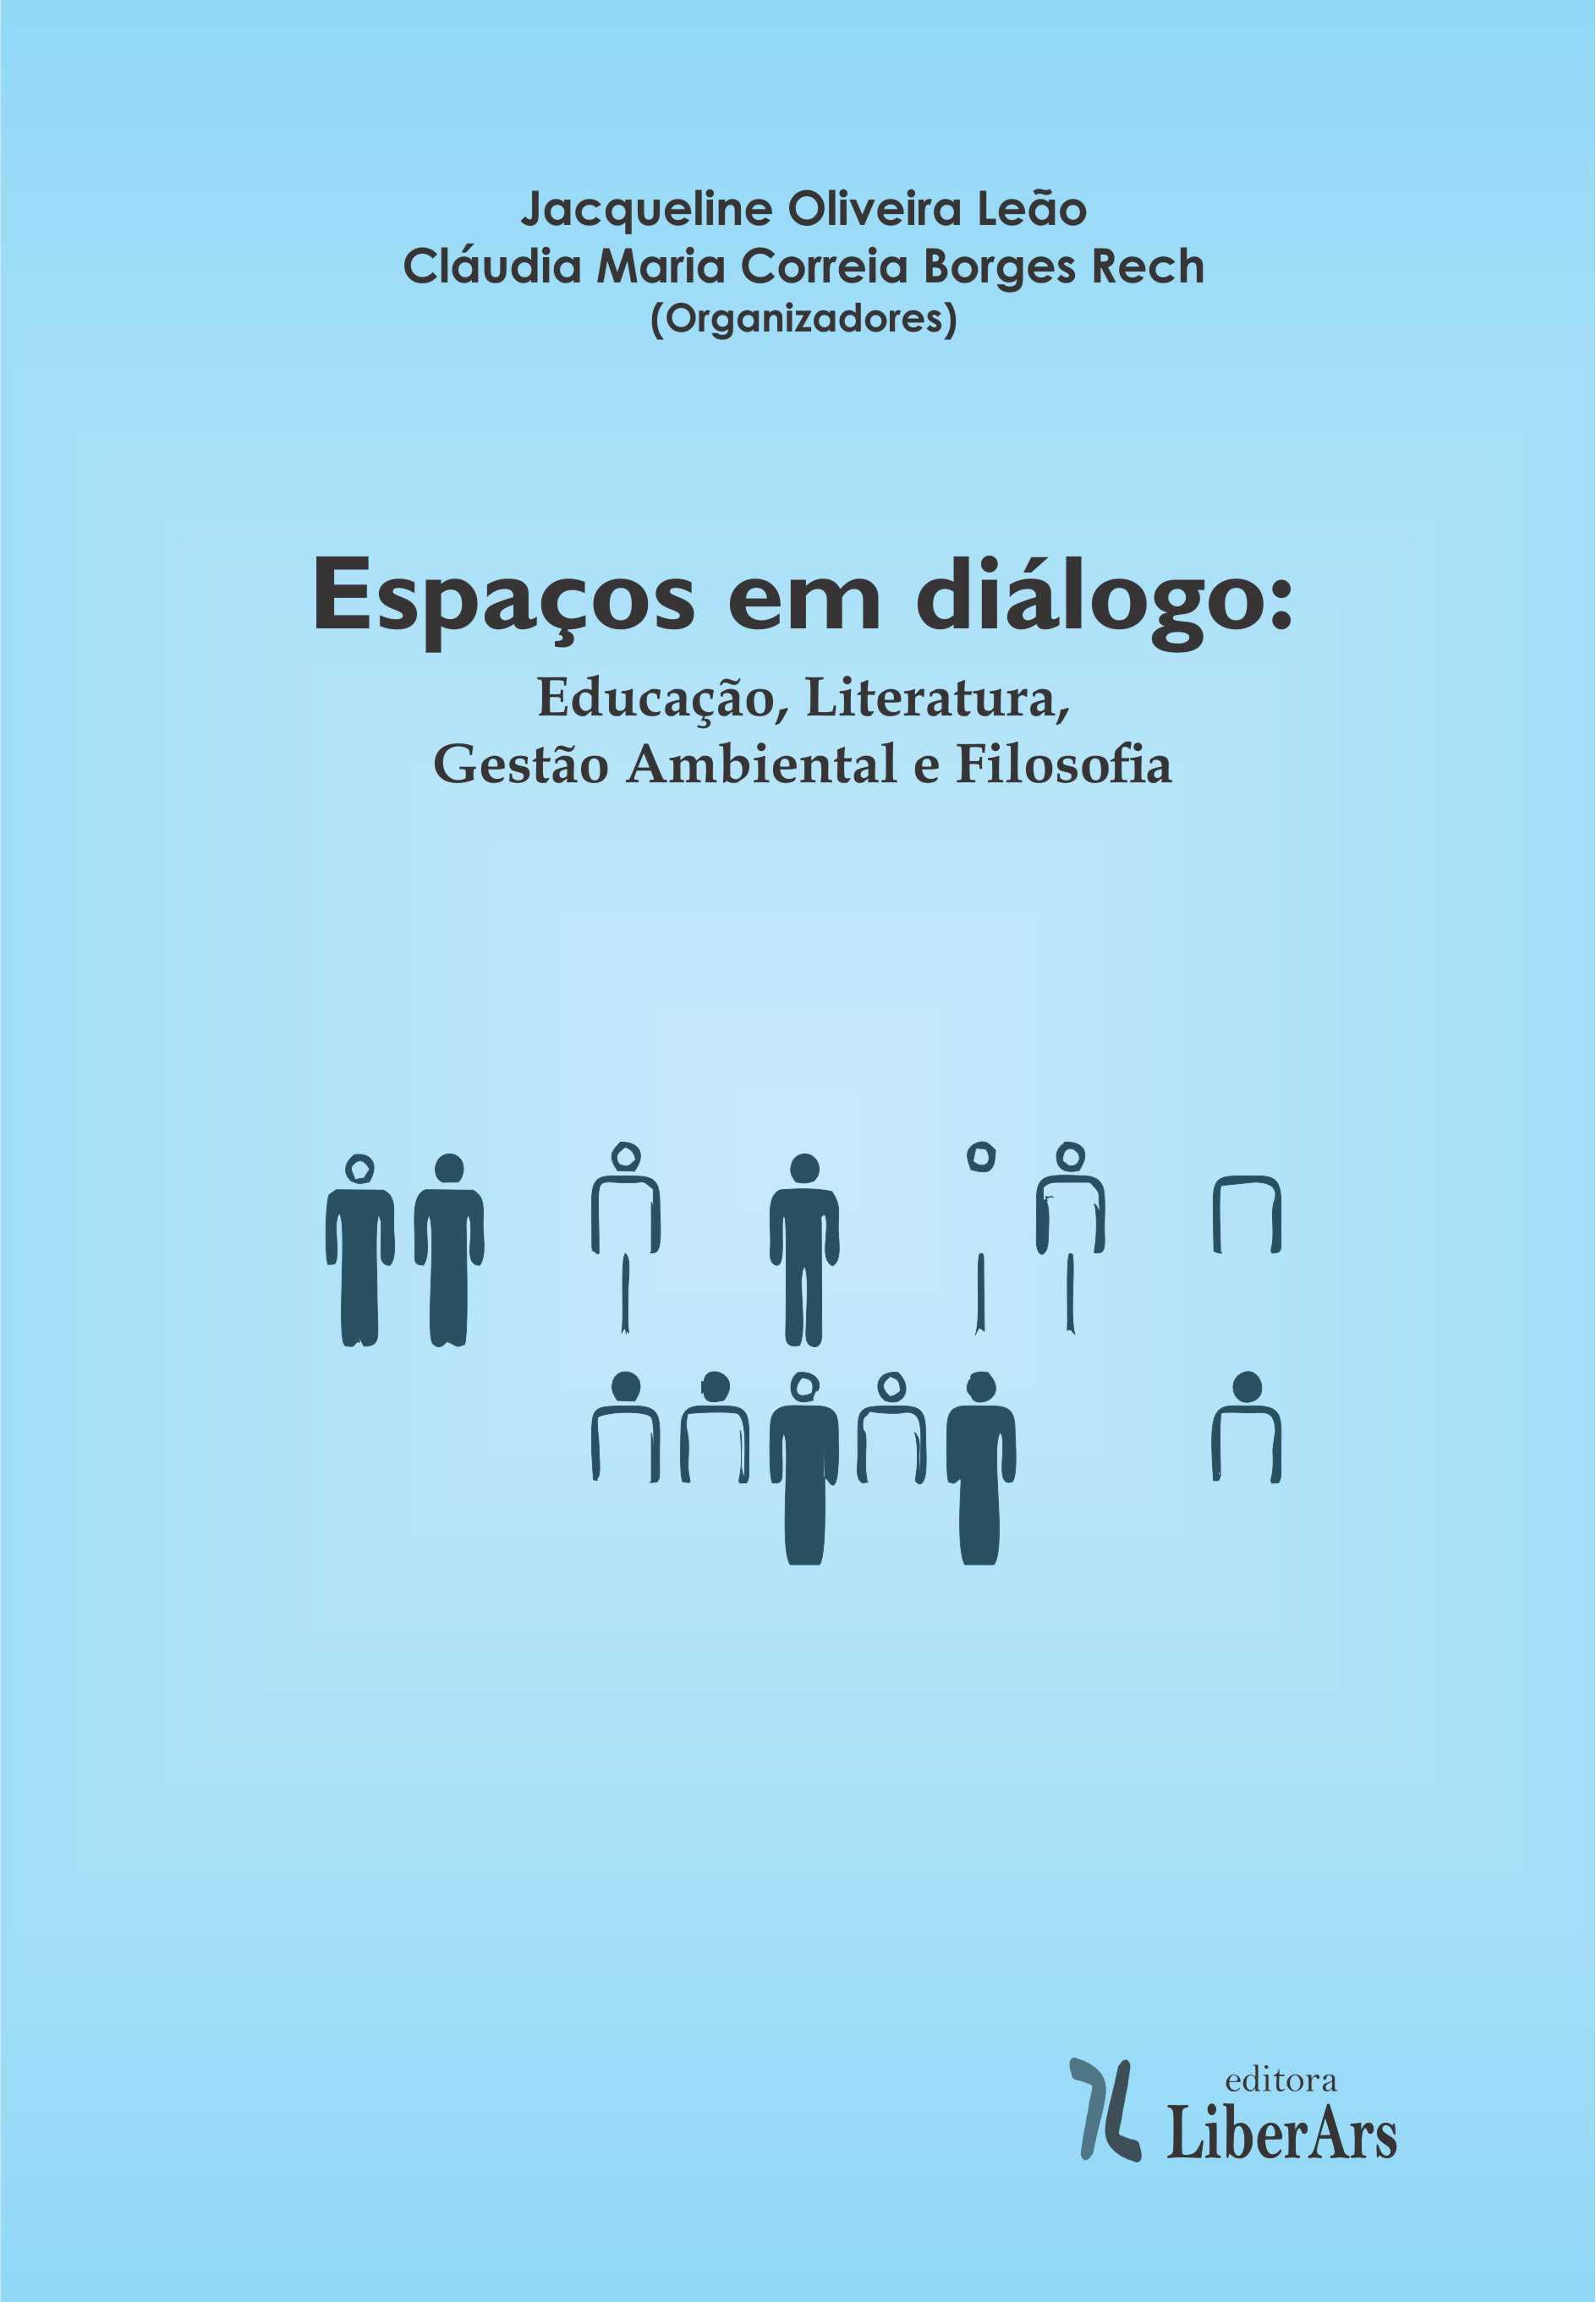 Espaços em Diálogo: Educação, literatura, gestão ambiental e filosofia, livro de Jacqueline Oliveira Leão, Claudia Maria Correia Borges Rech